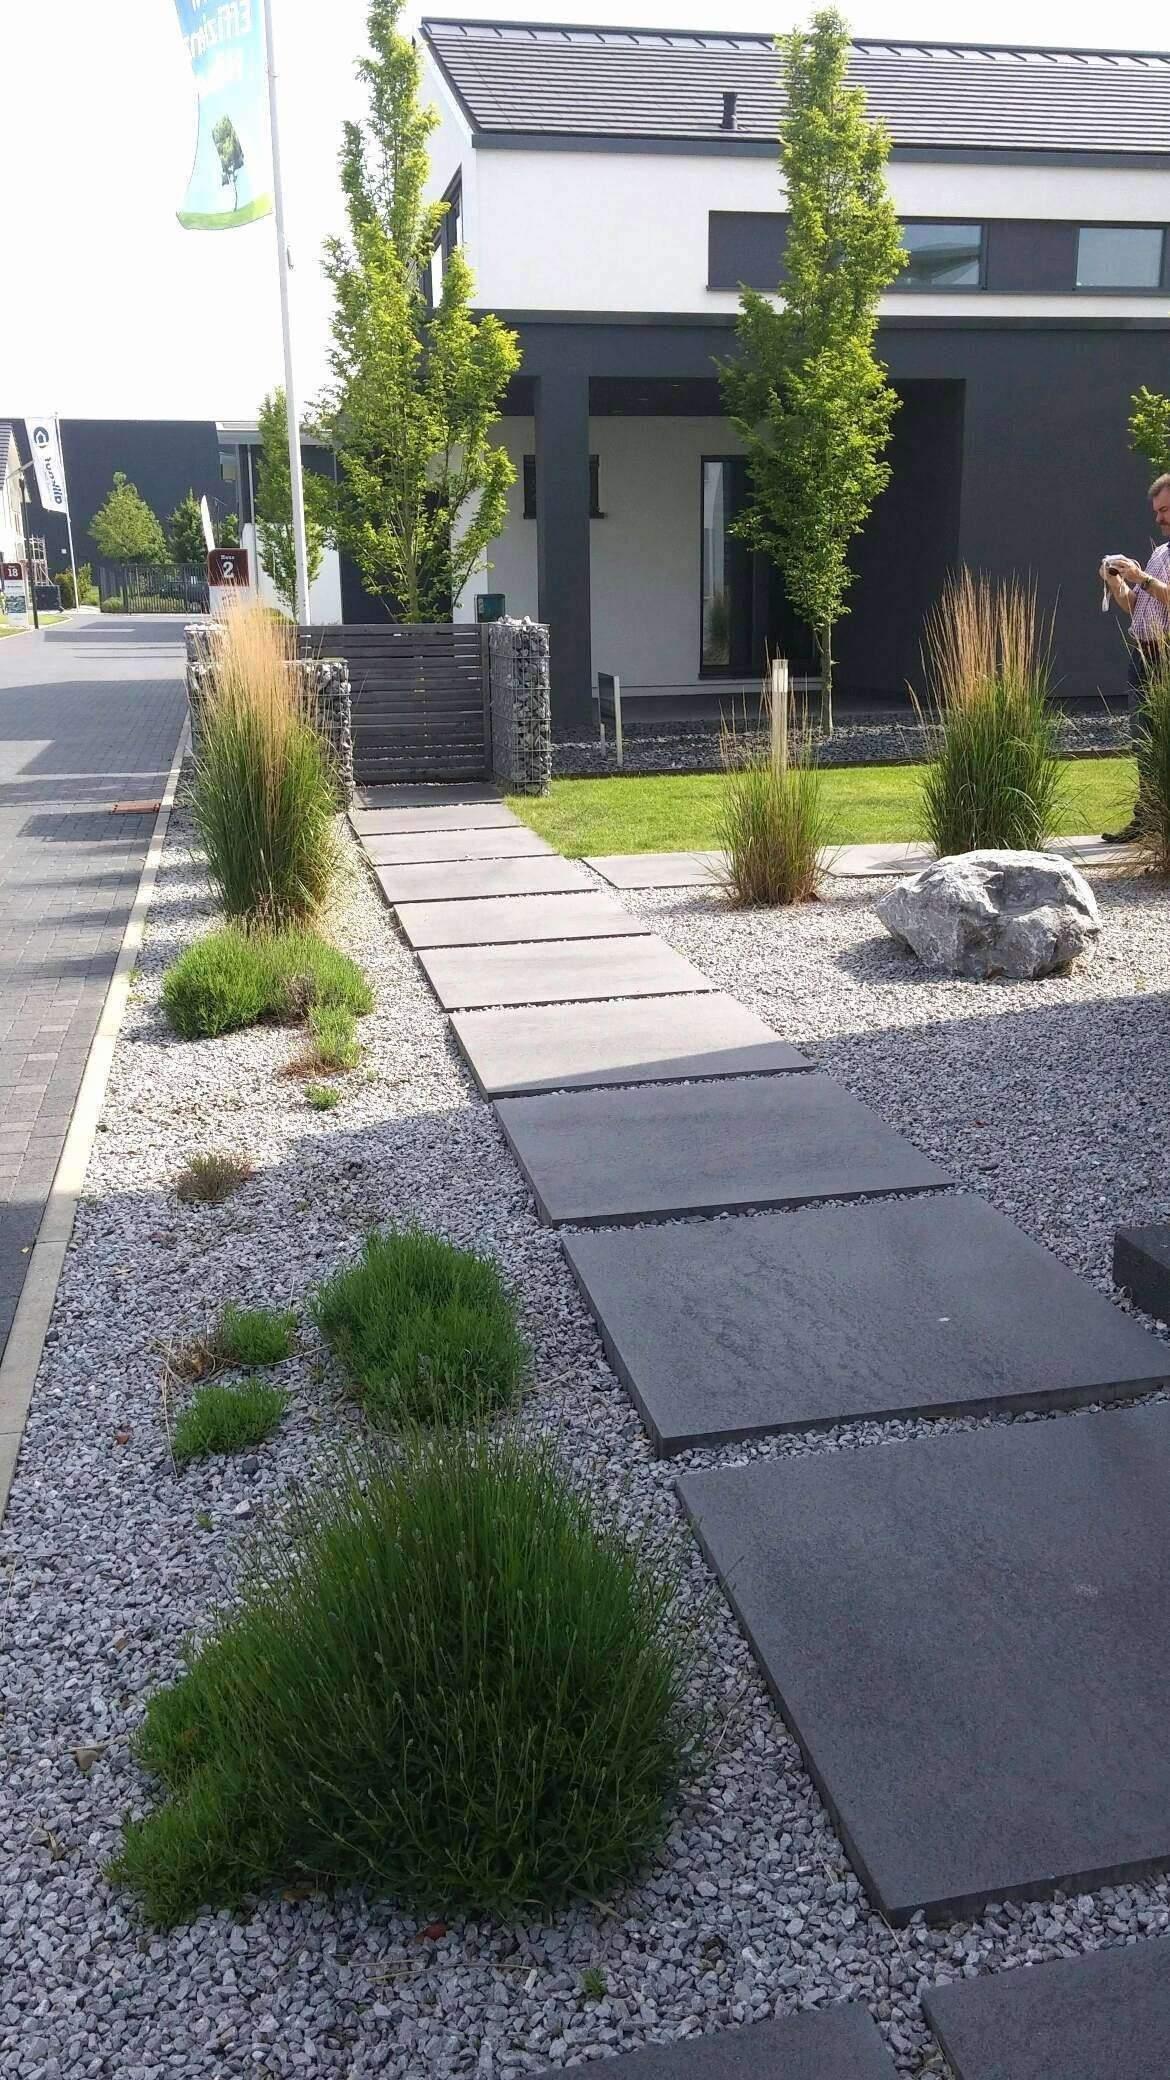 Garten Und Landschaftsbau Neu Garten Ideas Garten Anlegen Lovely Aussenleuchten Garten 0d